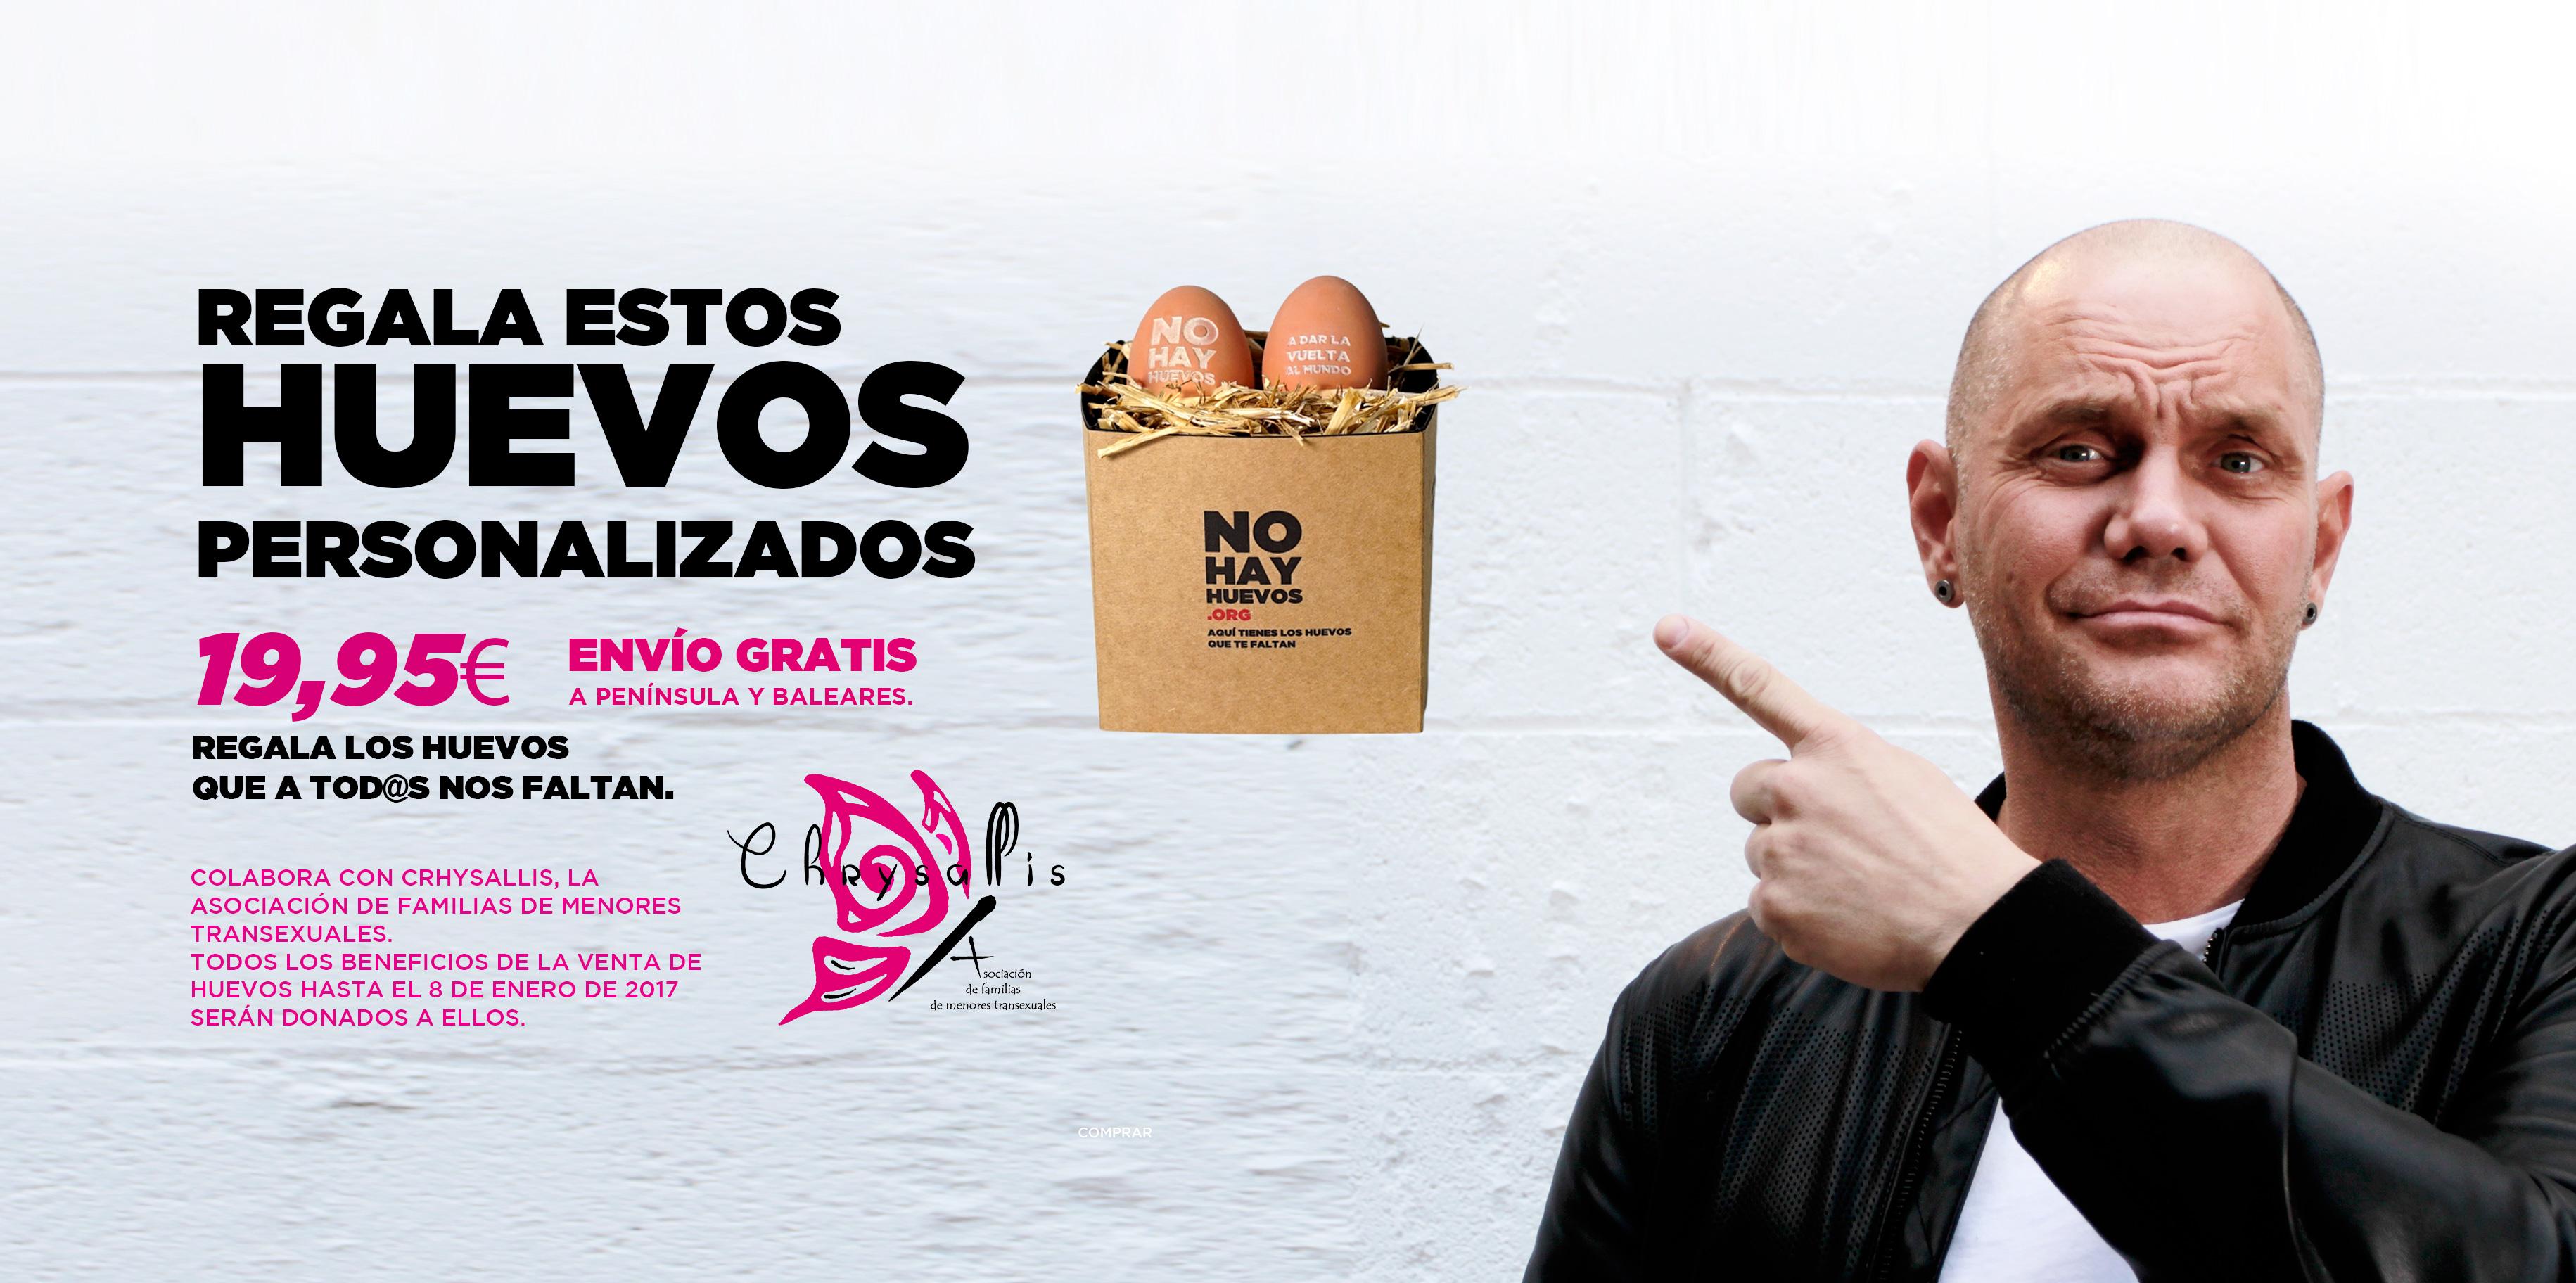 Immagine della campagna per l'acquisto delle uova.